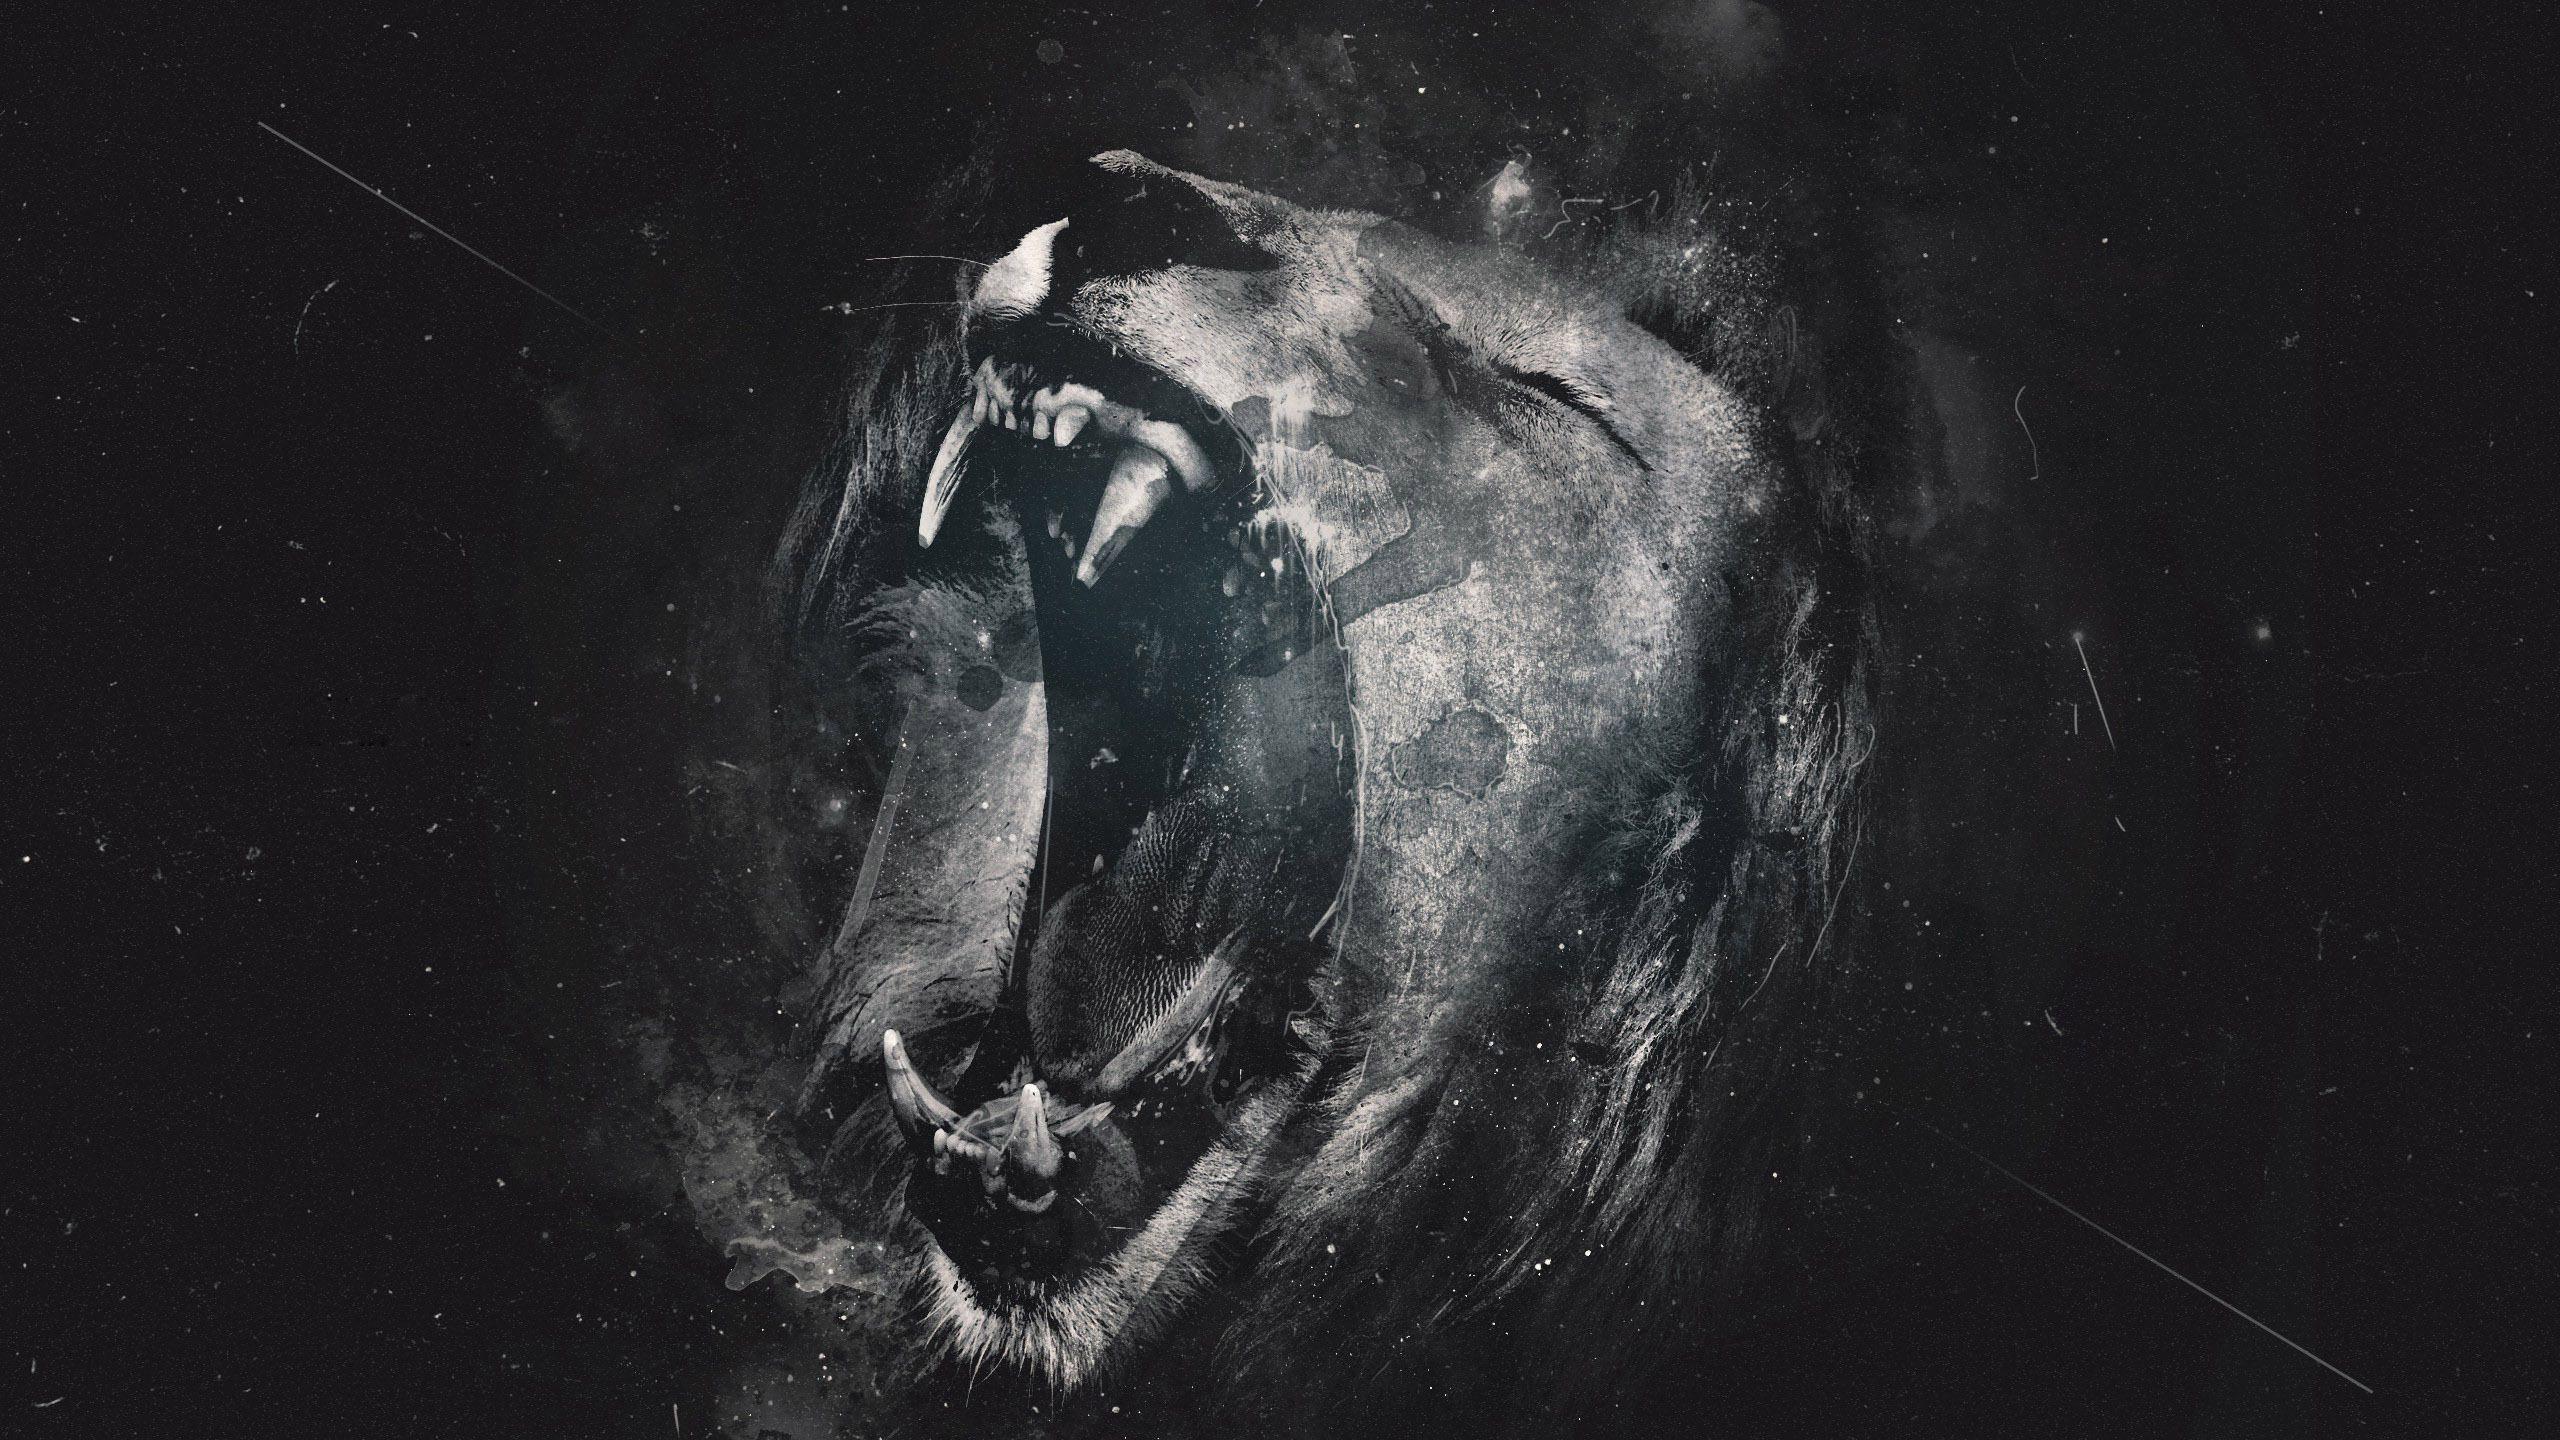 Lion Hd Desktop Wallpaper Widescreen High Definition Lion Wallpaper Lion Hd Wallpaper Lion Images